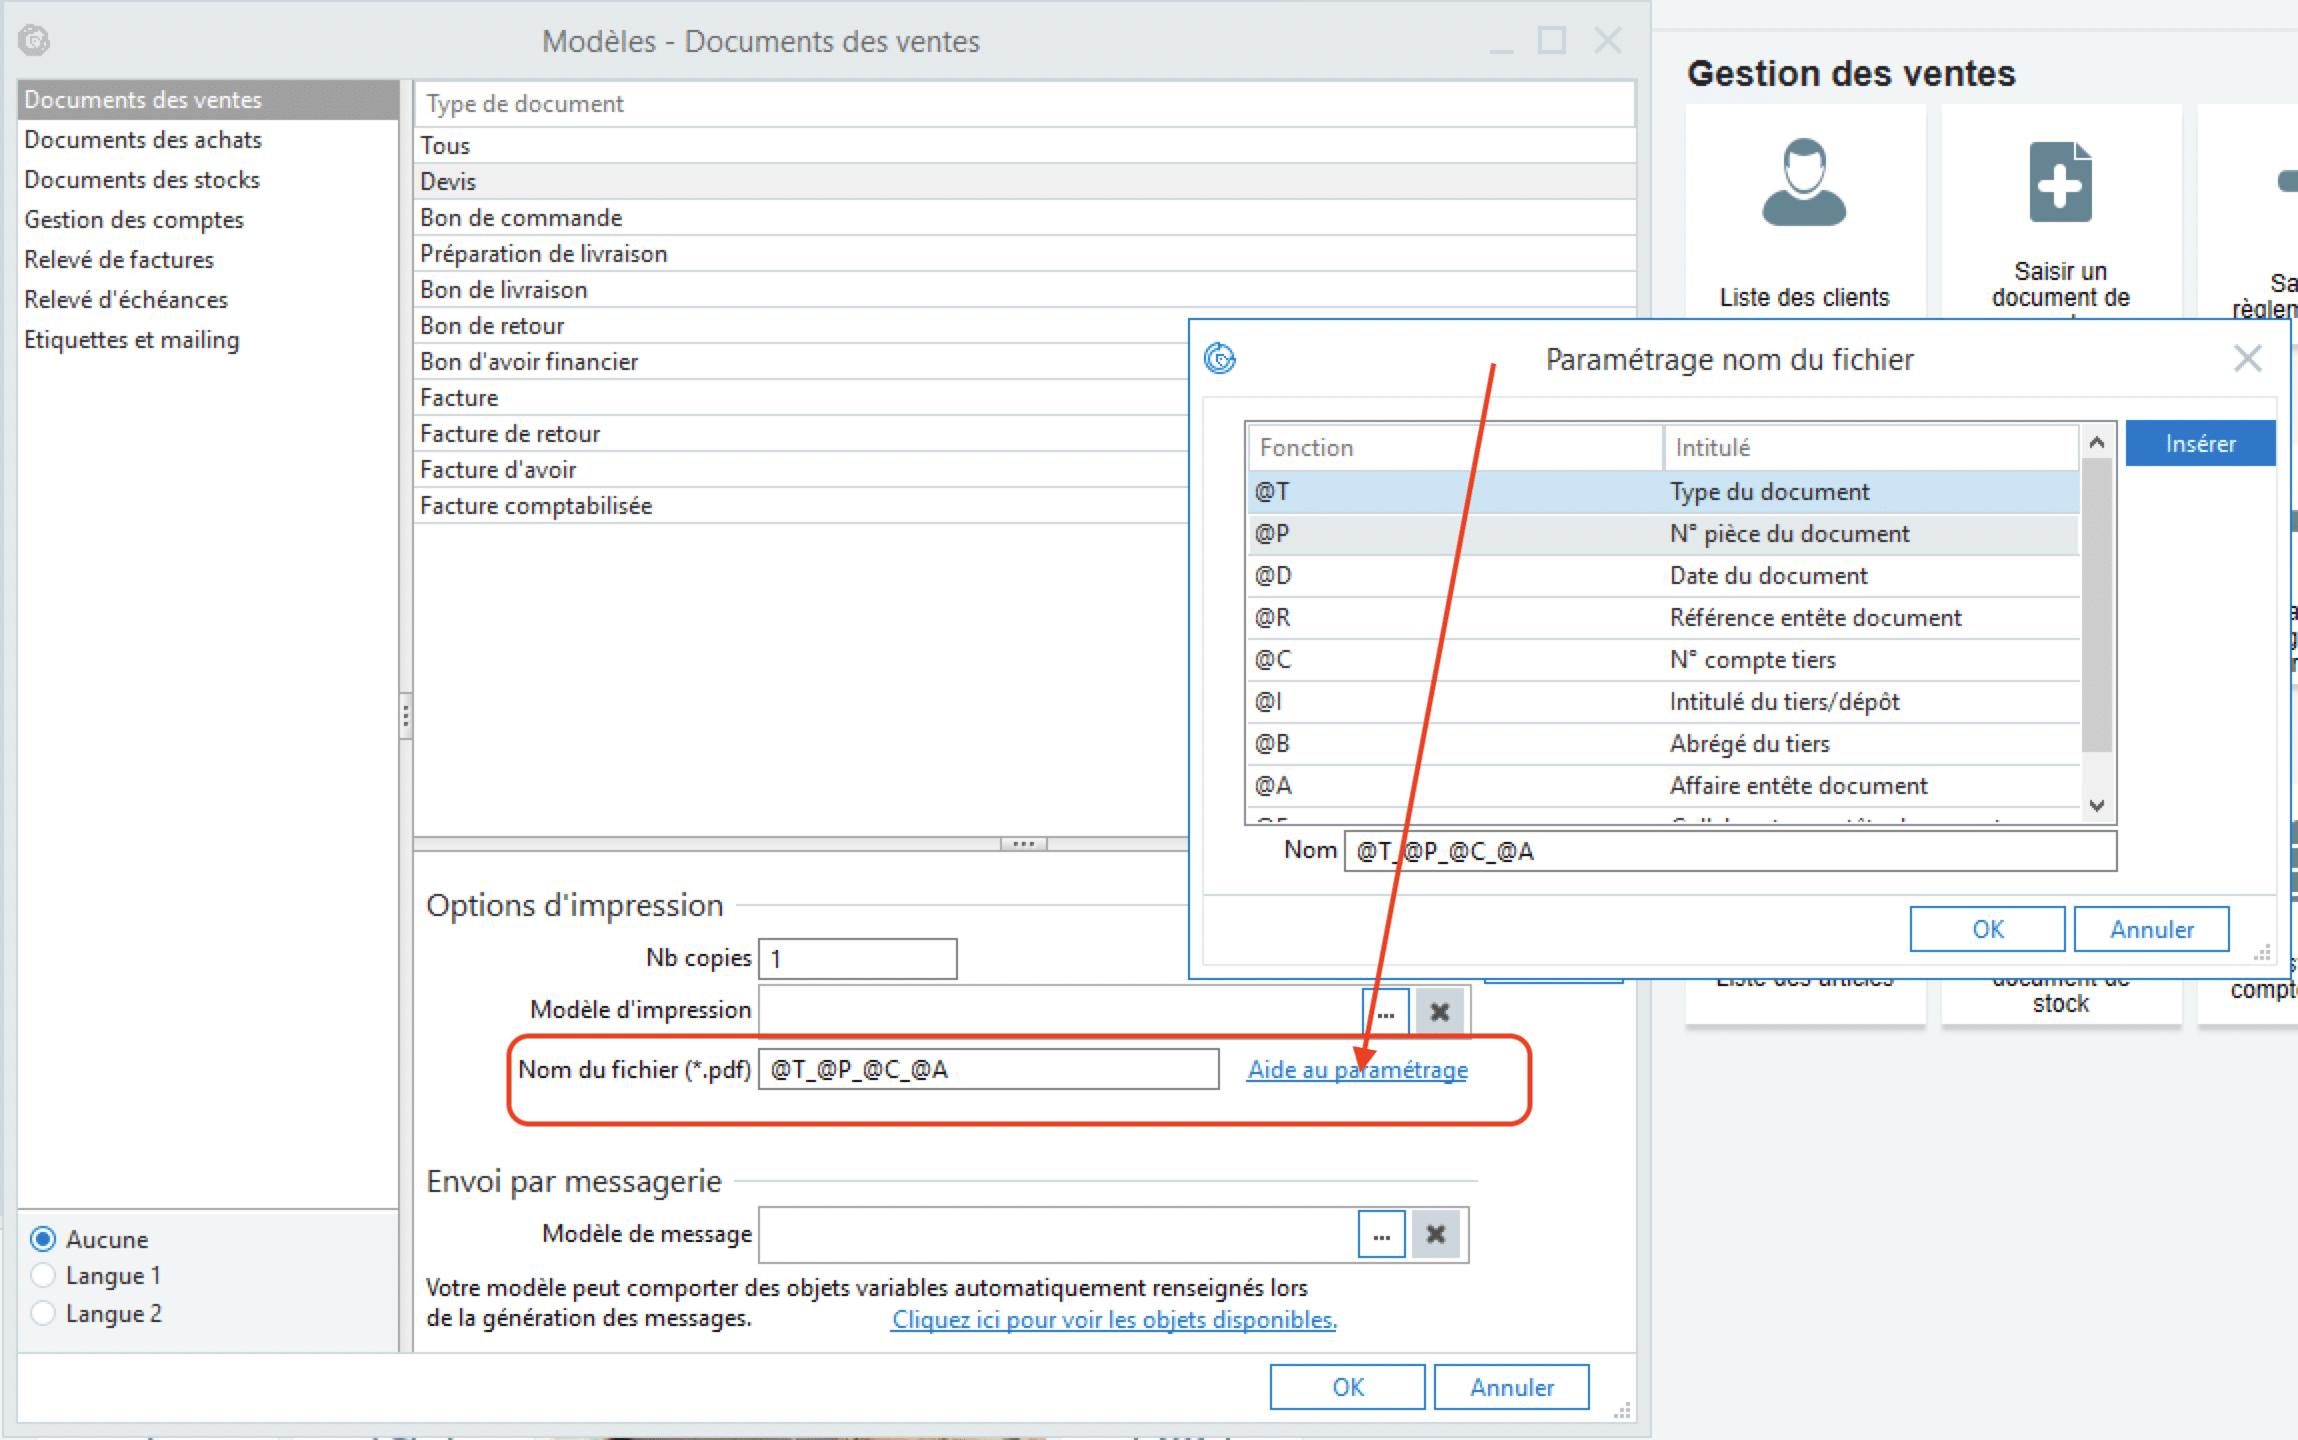 Sage 100cloud Gestion Commerciale v6 - Personnalisation du nom du fichier PDF obtenu en impression des documents